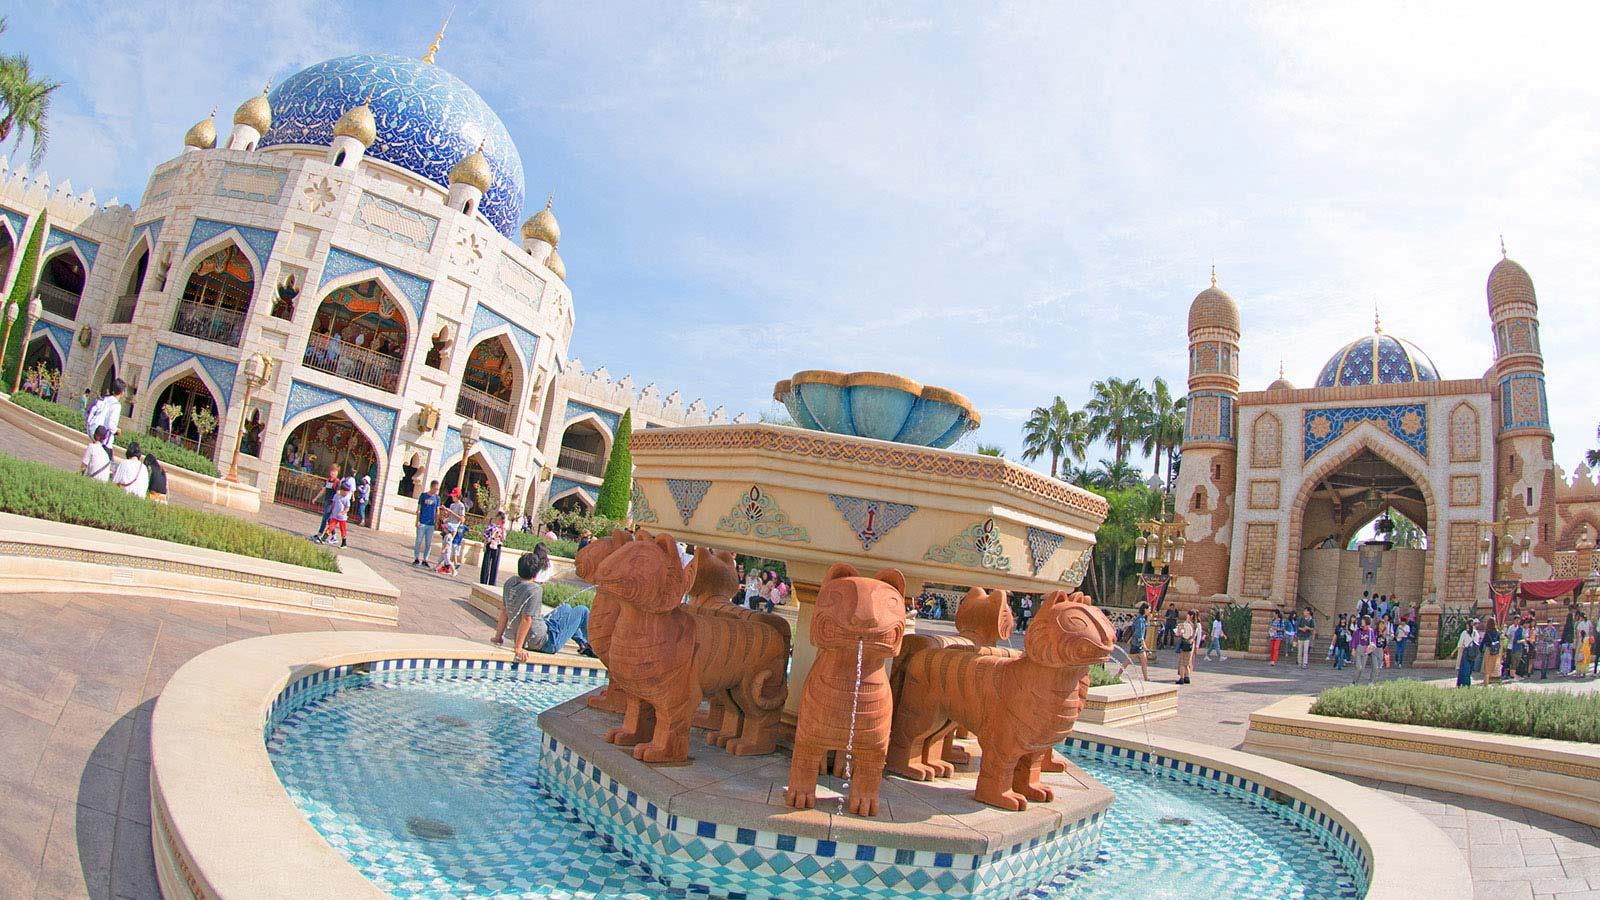 日本獨創的海洋主題迪士尼樂園。(圖片取自東京迪士尼海洋樂園官網)